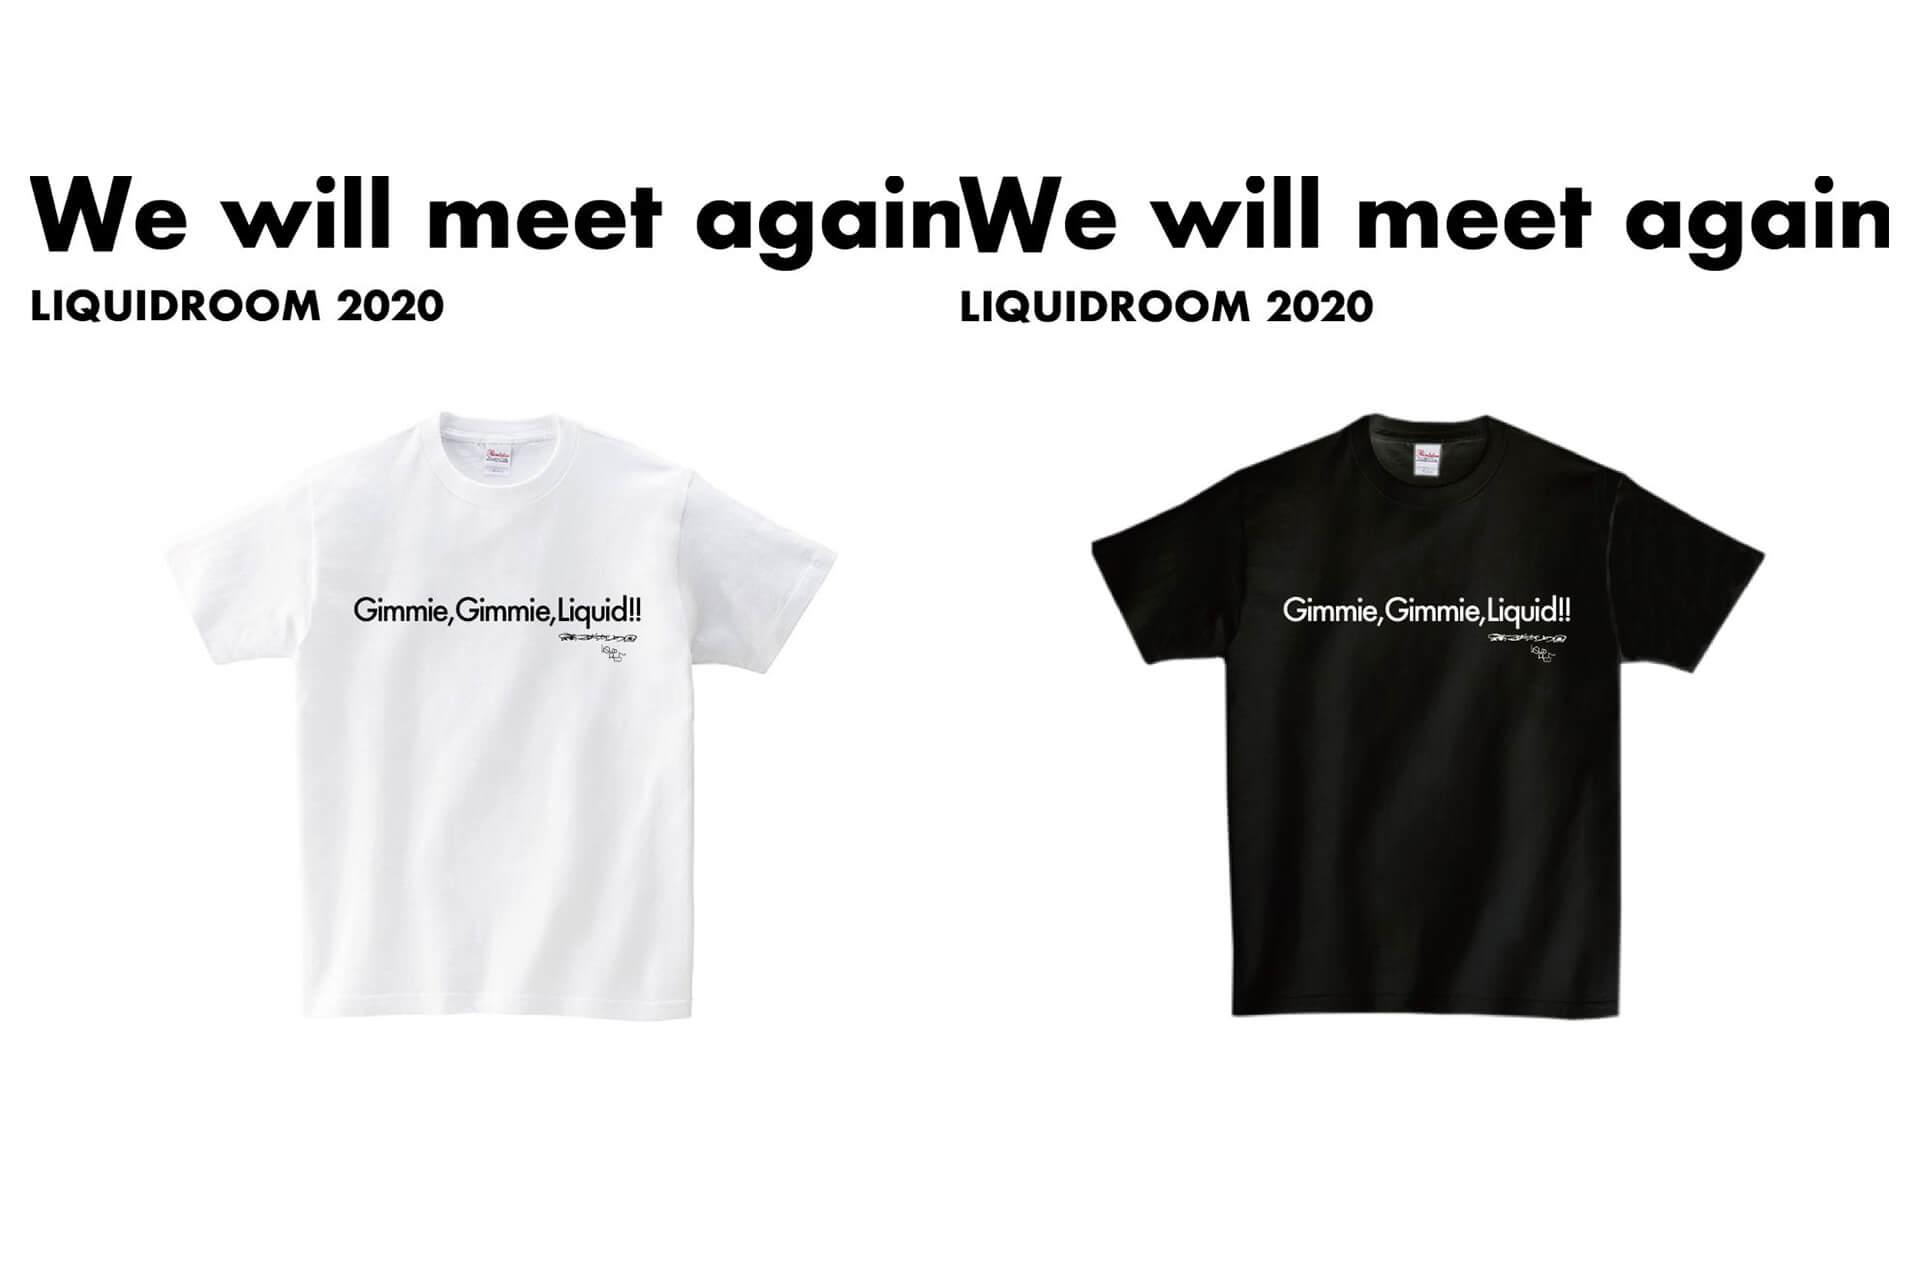 メッセージTシャツ・プロジェクト〈We will meet again〉にOGRE YOU ASSHOLEと踊ってばかりの国が登場 liquidroom1